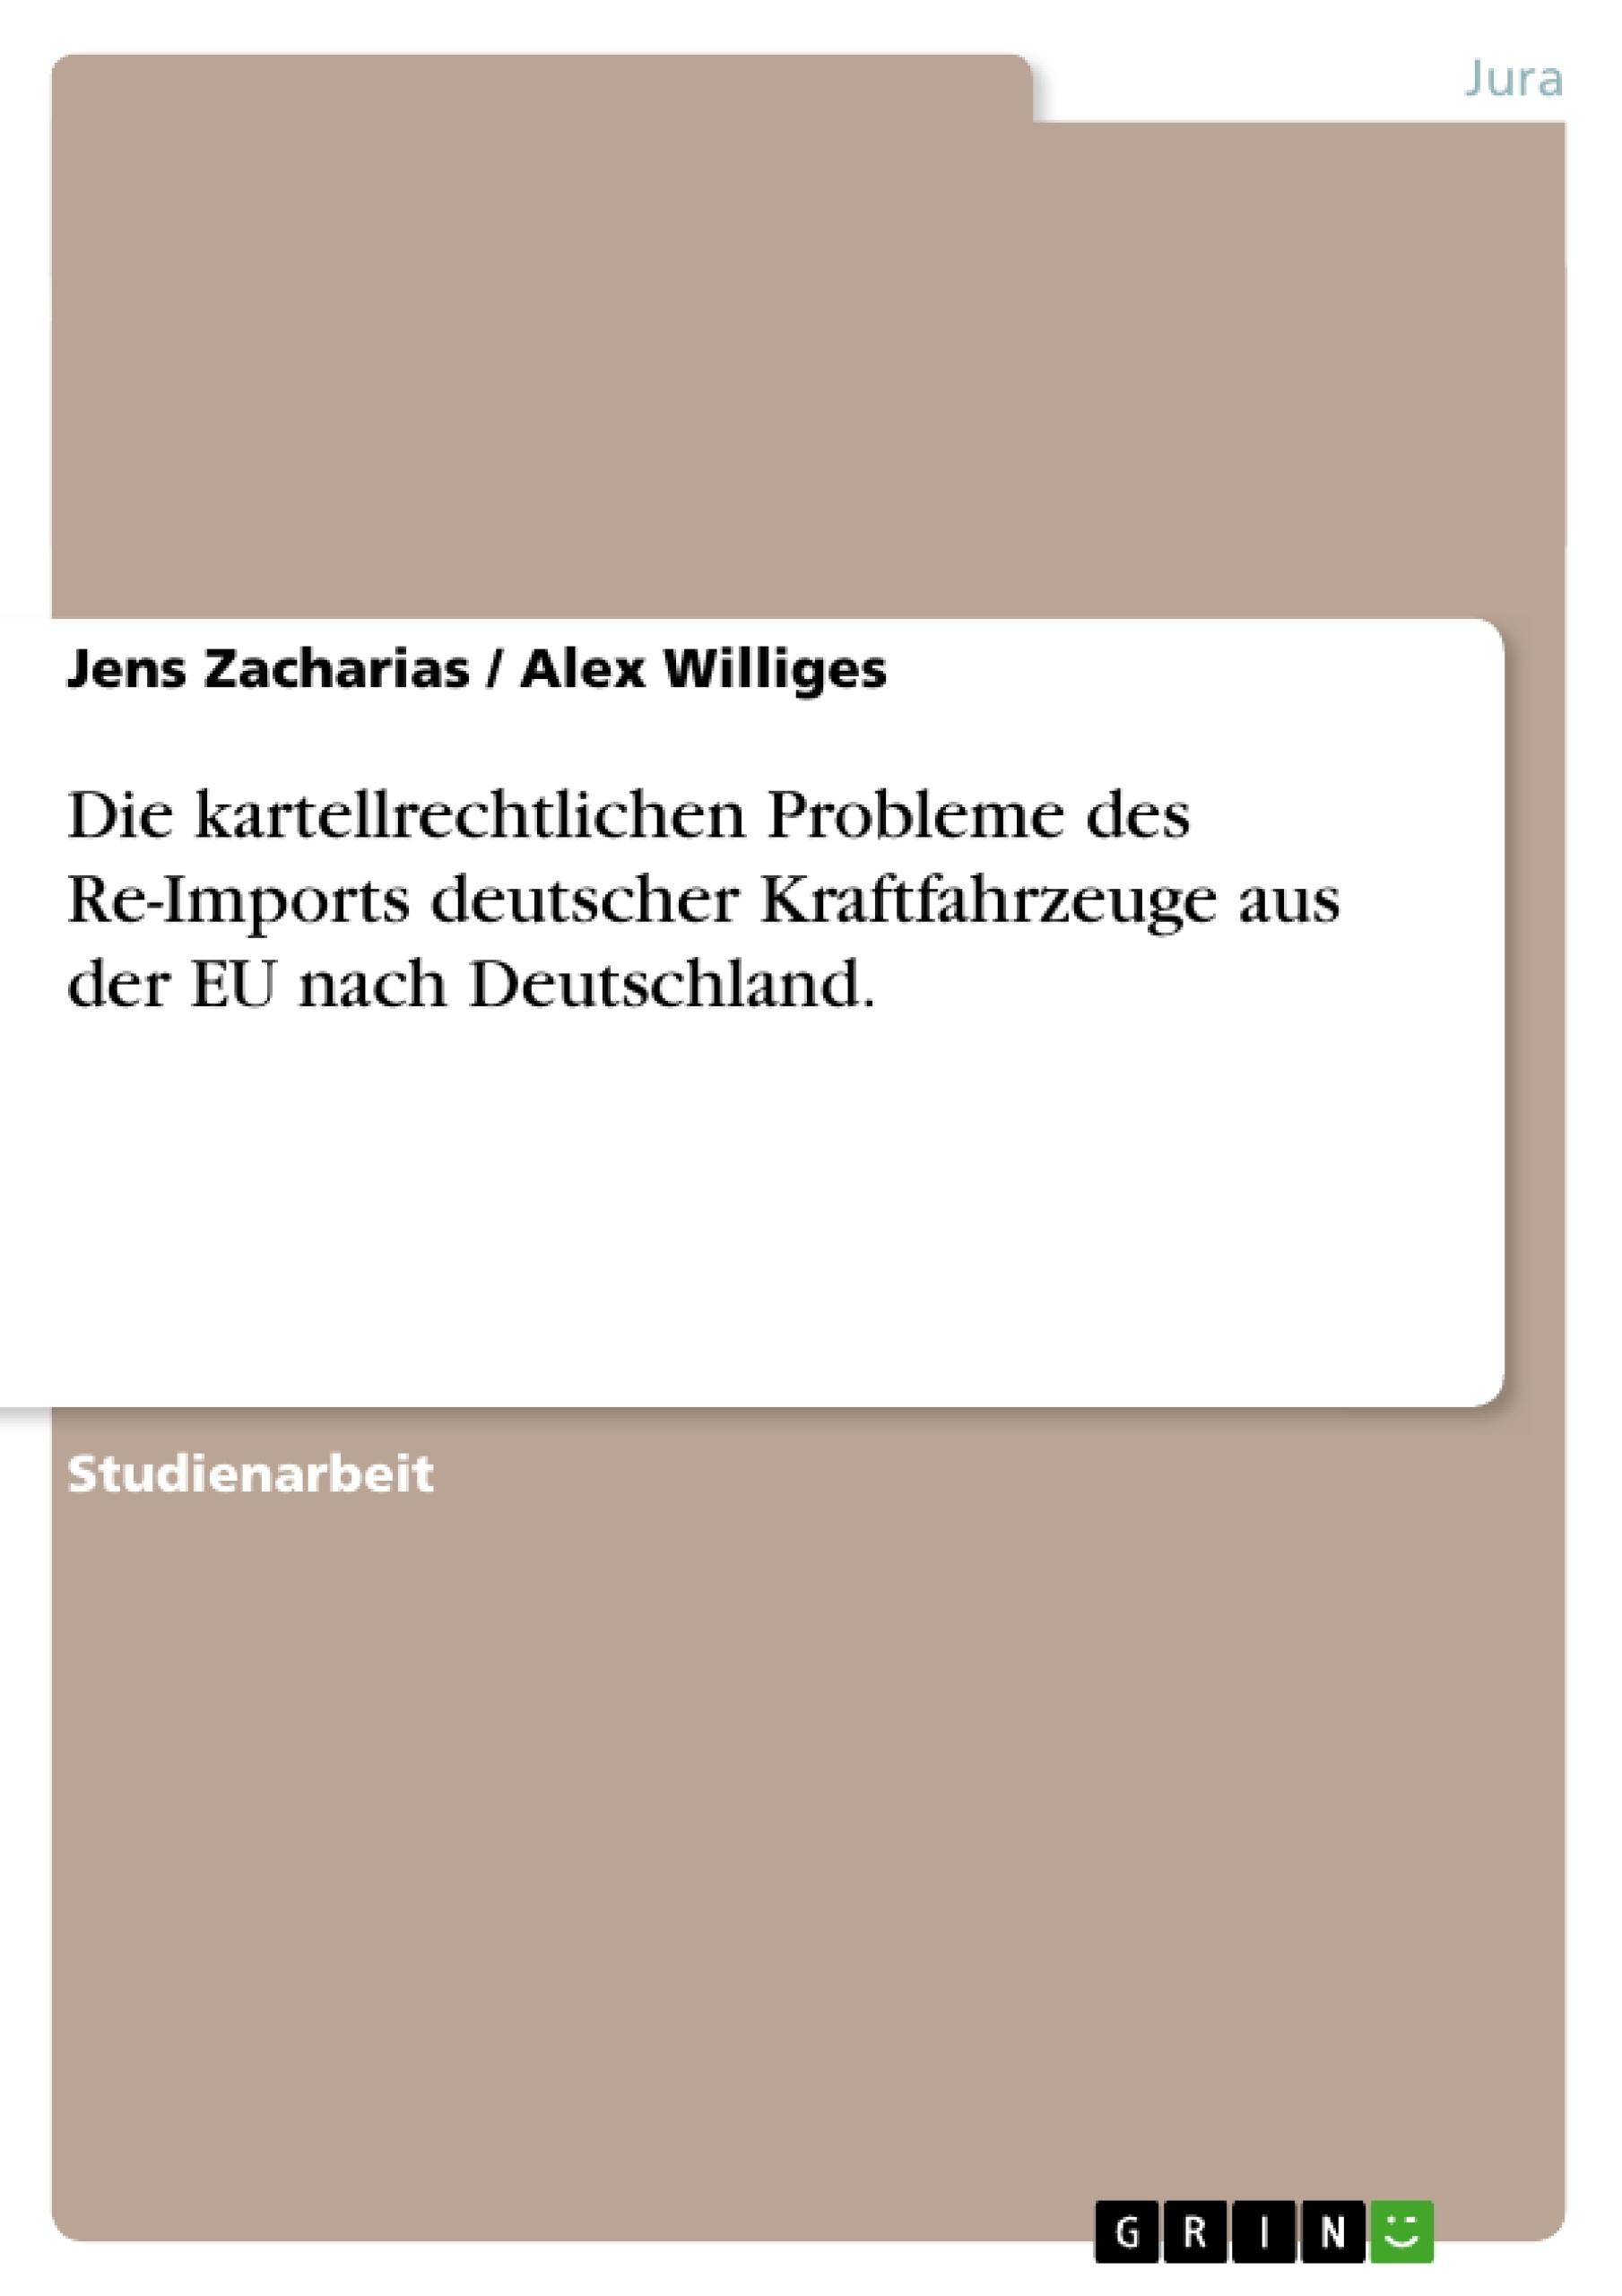 Titel: Die kartellrechtlichen Probleme des Re-Imports deutscher Kraftfahrzeuge aus der EU nach Deutschland.